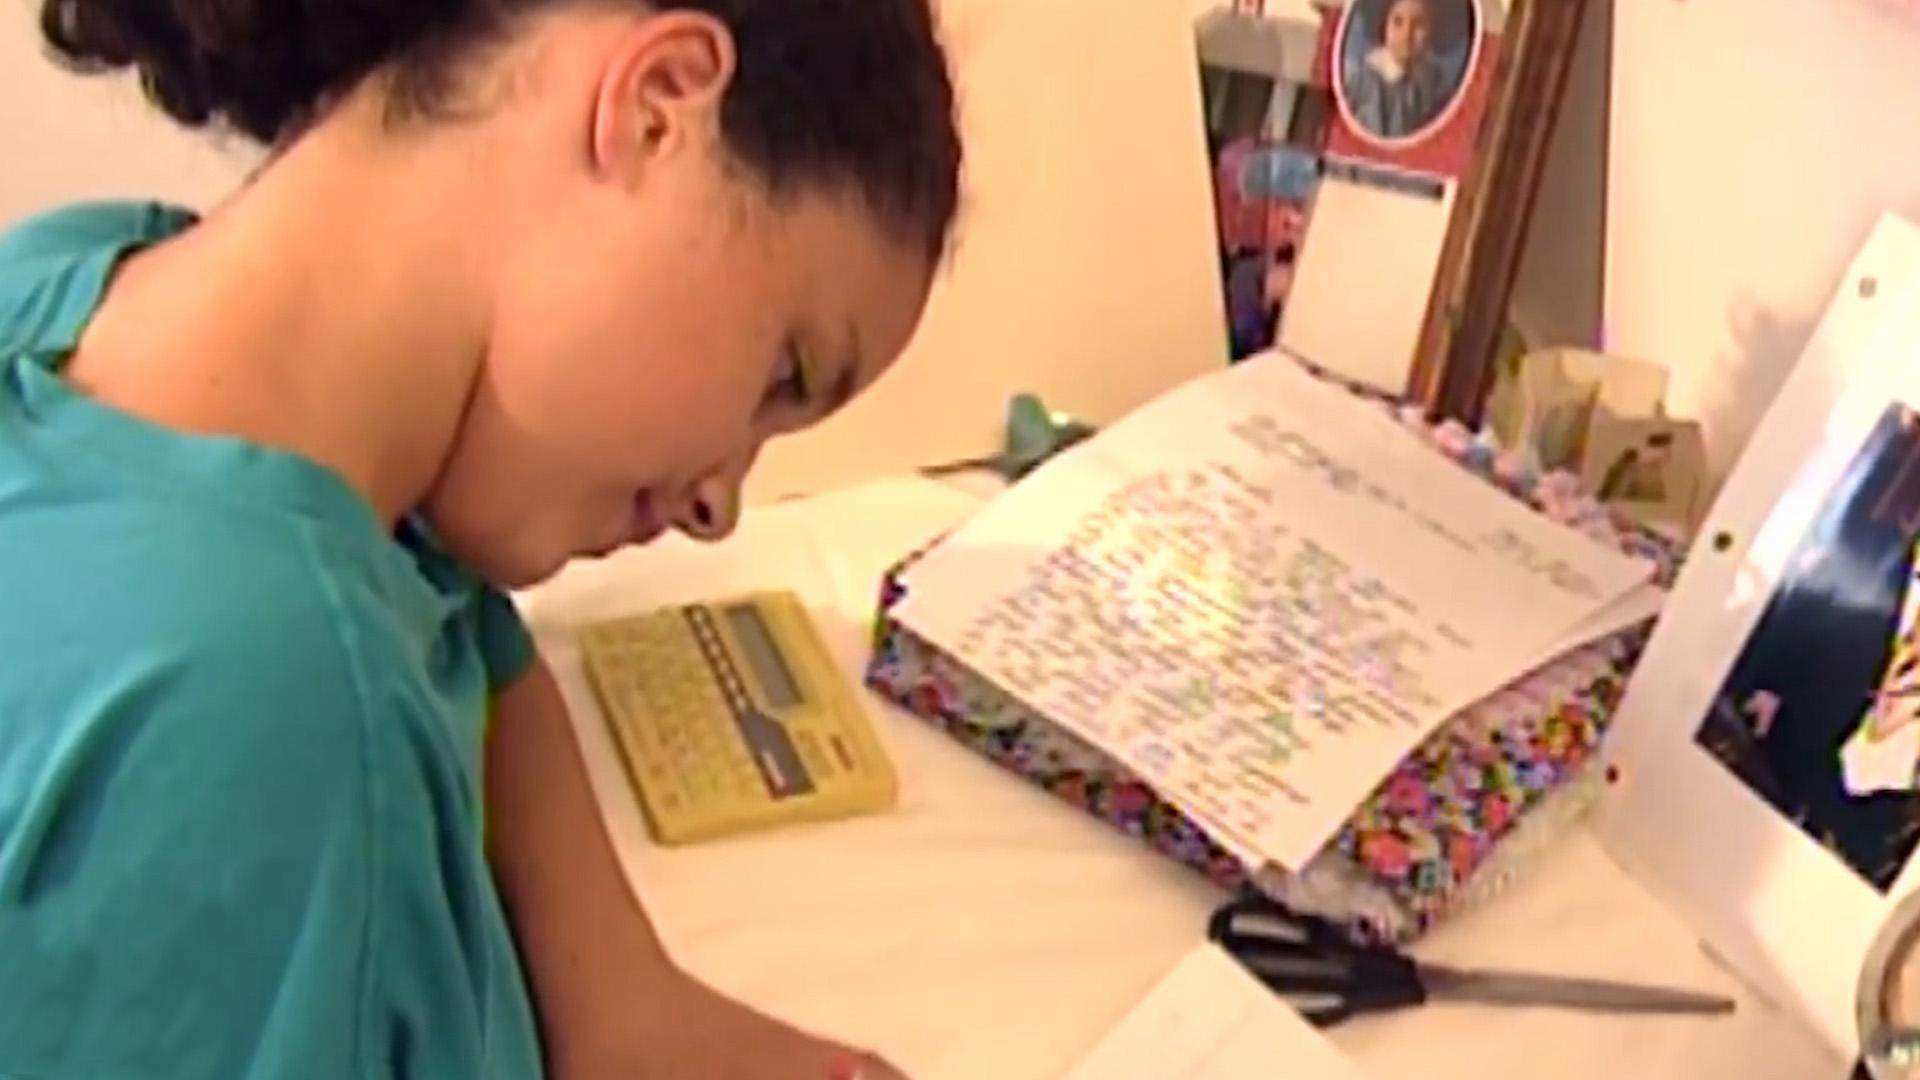 Desde muy chica, Meghan Markle mostró interés por las causas sociales: a los 11 añosescribió una carta en protesta contra una publicidad sexista